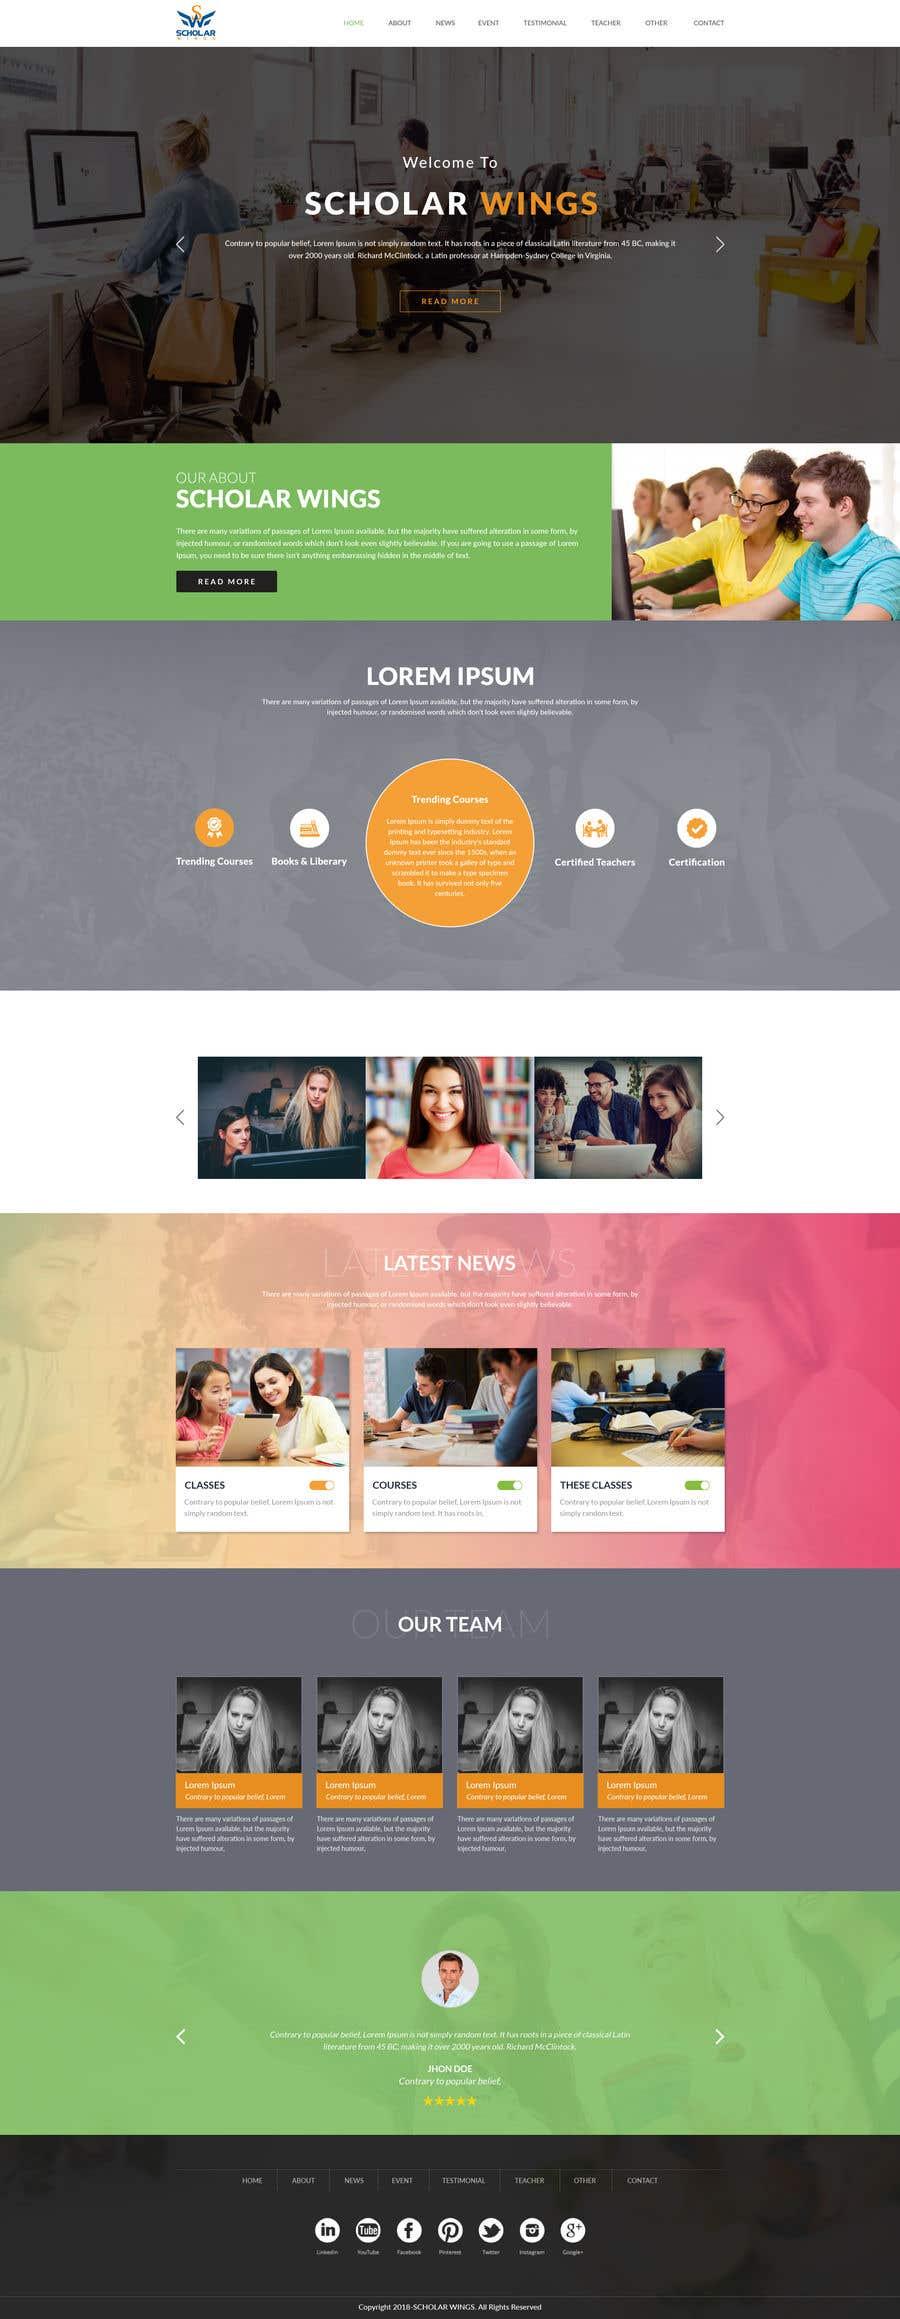 Penyertaan Peraduan #16 untuk Design a Logo and website mockup